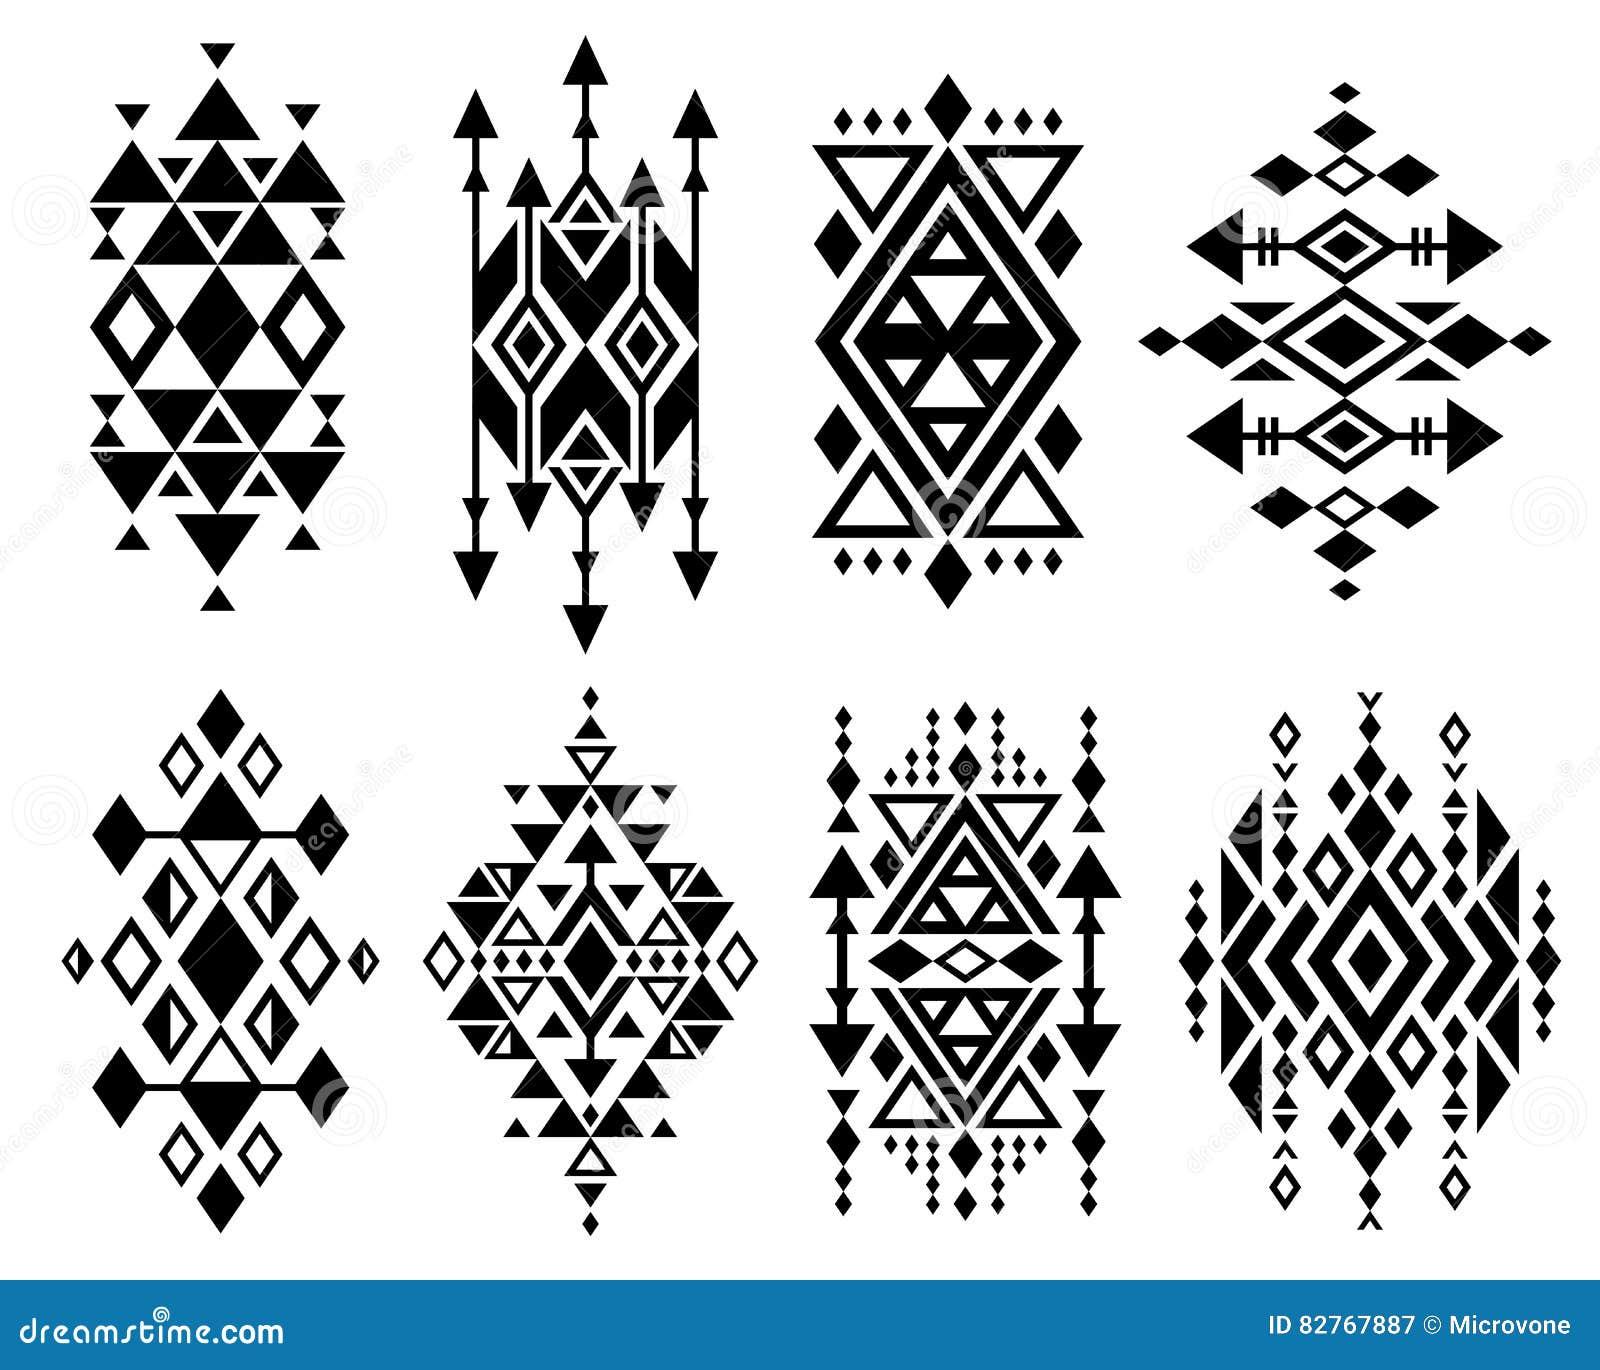 fb455655bc747 Vintage mexican aztec tribal traditional vector logo design, navajo prints  set. Decoration traditional aztec design, ilustration of geometric aztec  tribal ...